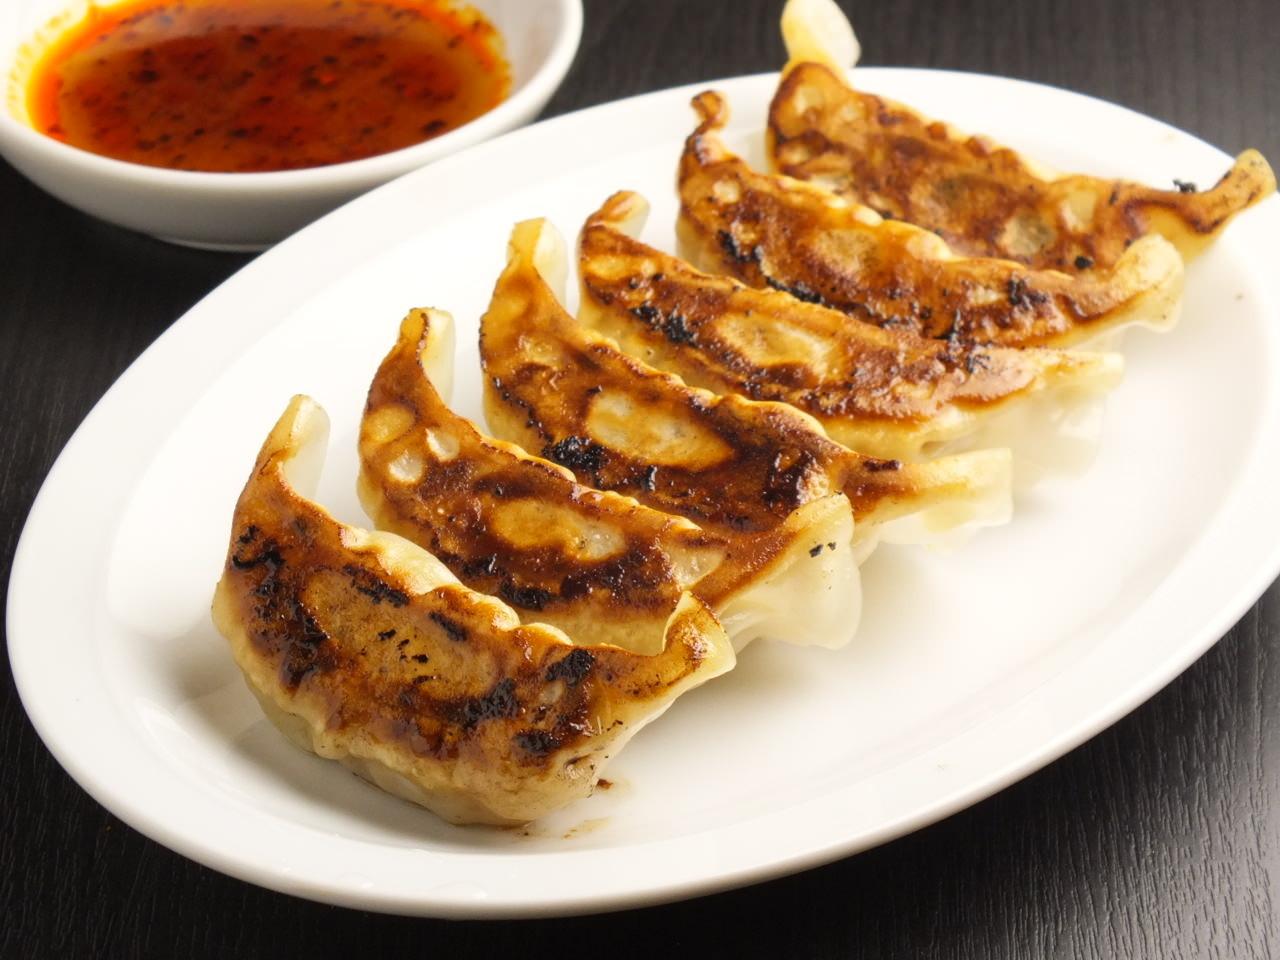 お箸が止まらない!おいしい餃子の作り方のレシピをご紹介♪のサムネイル画像